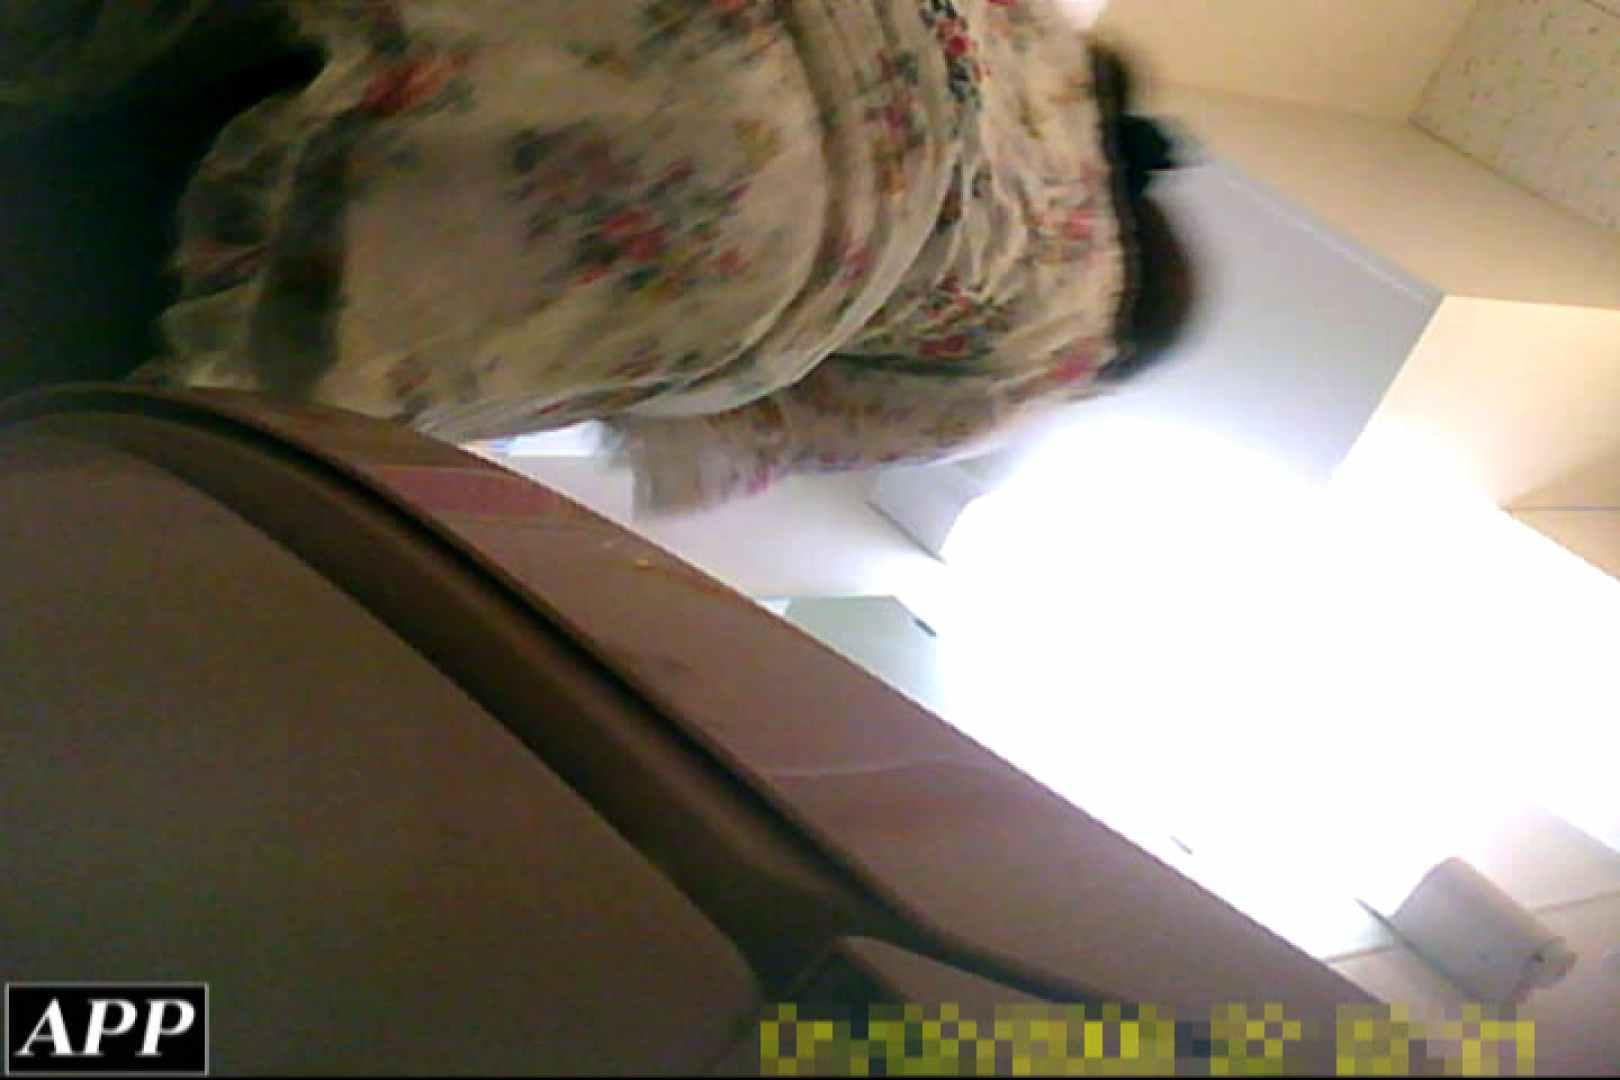 3視点洗面所 vol.110 オマンコ・ぱっくり オマンコ動画キャプチャ 32画像 26